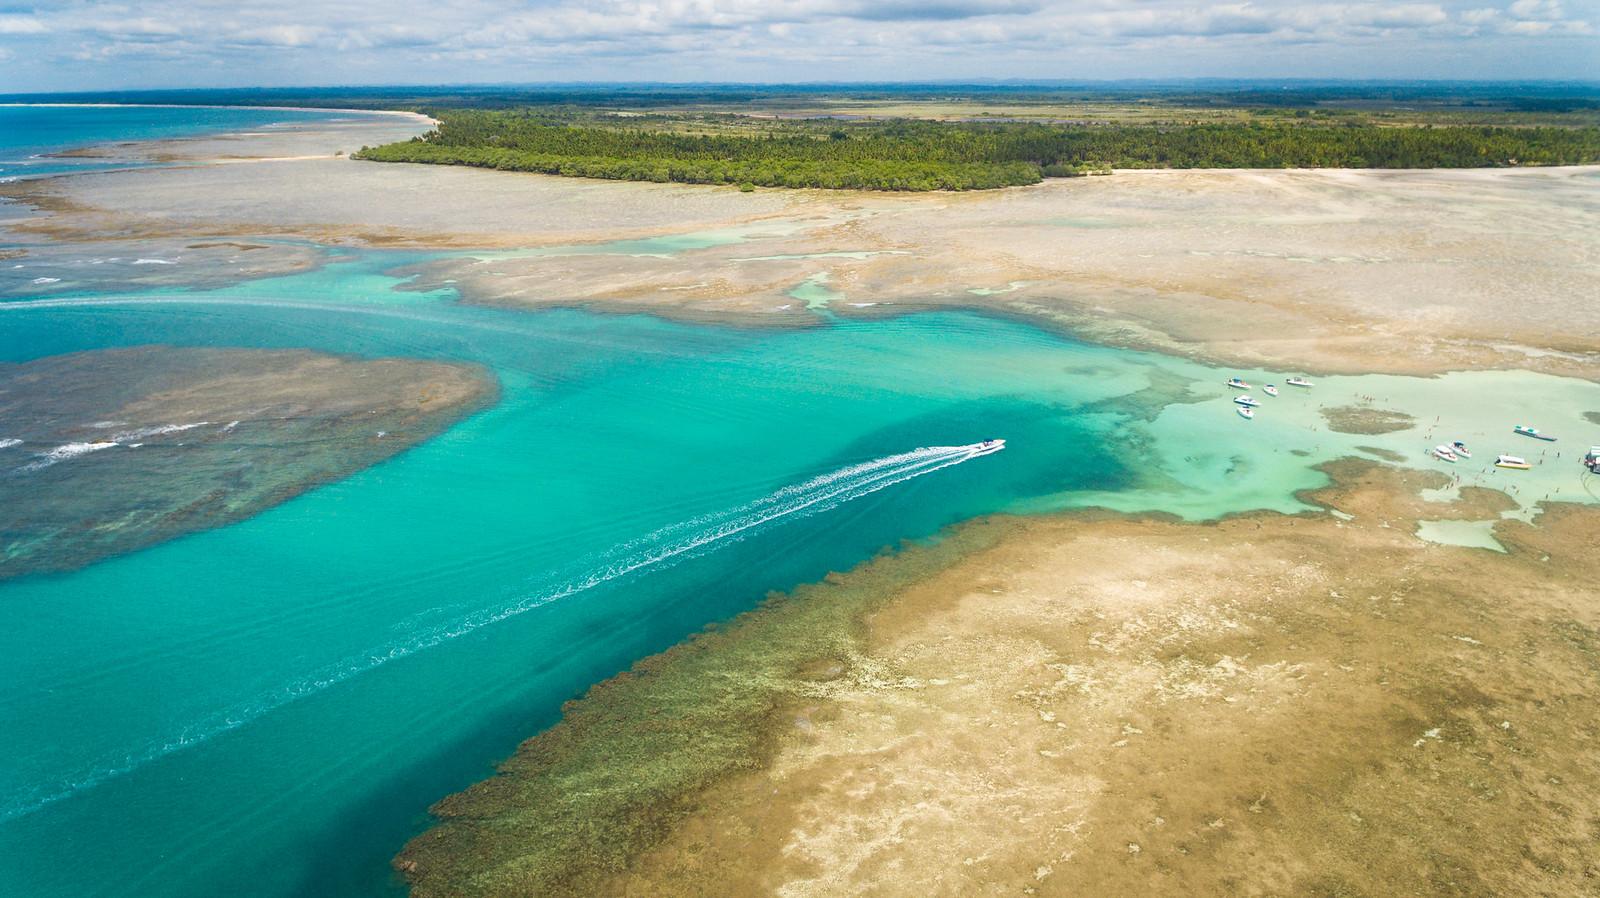 20 praias paradisíacas para conhecer na Bahia